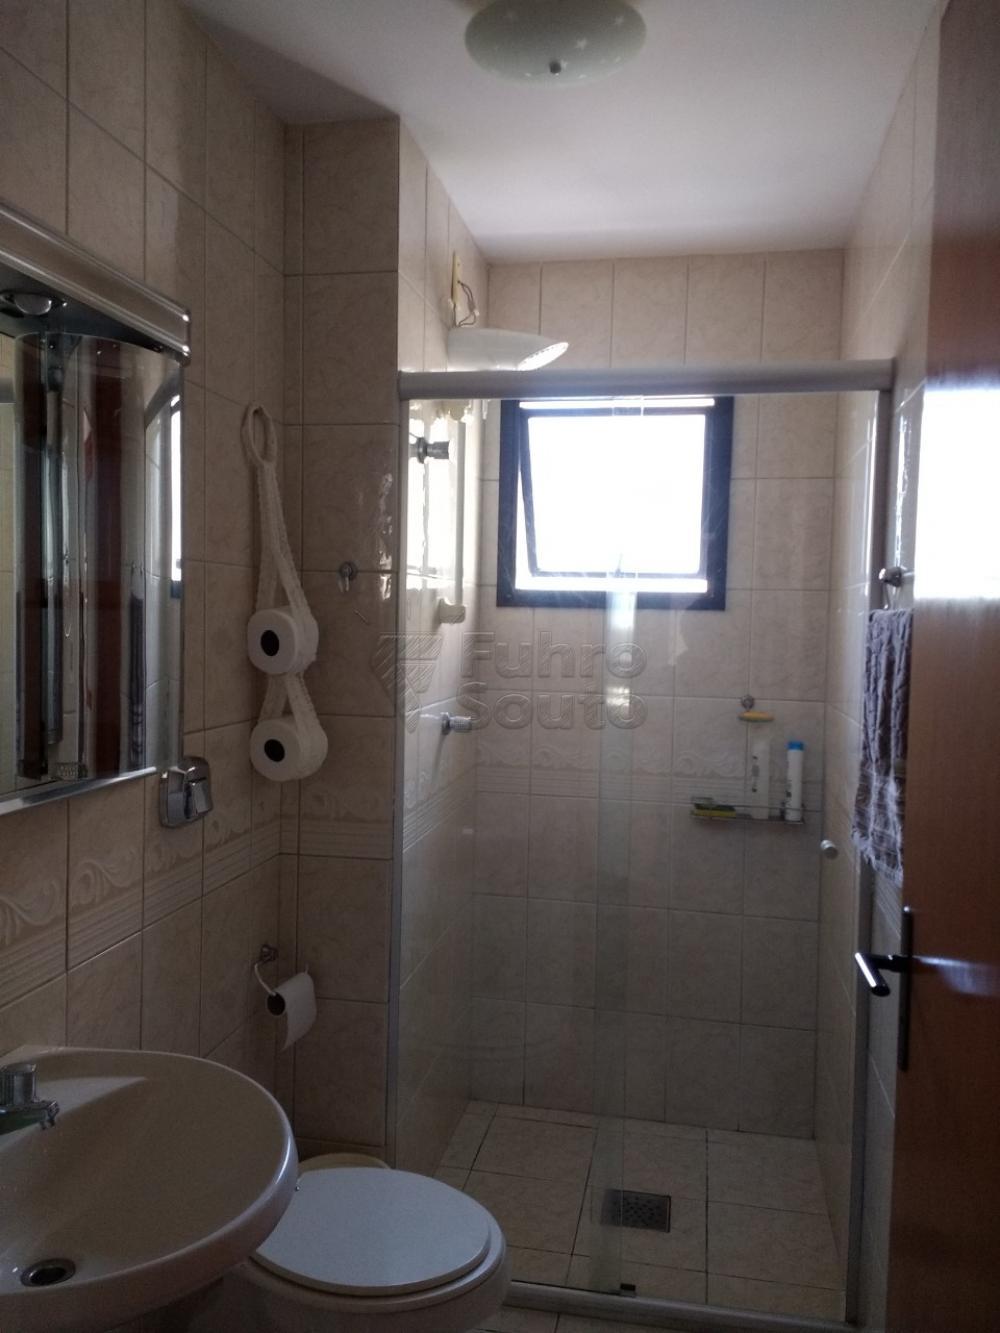 Comprar Apartamento / Cobertura em Pelotas R$ 750.000,00 - Foto 13